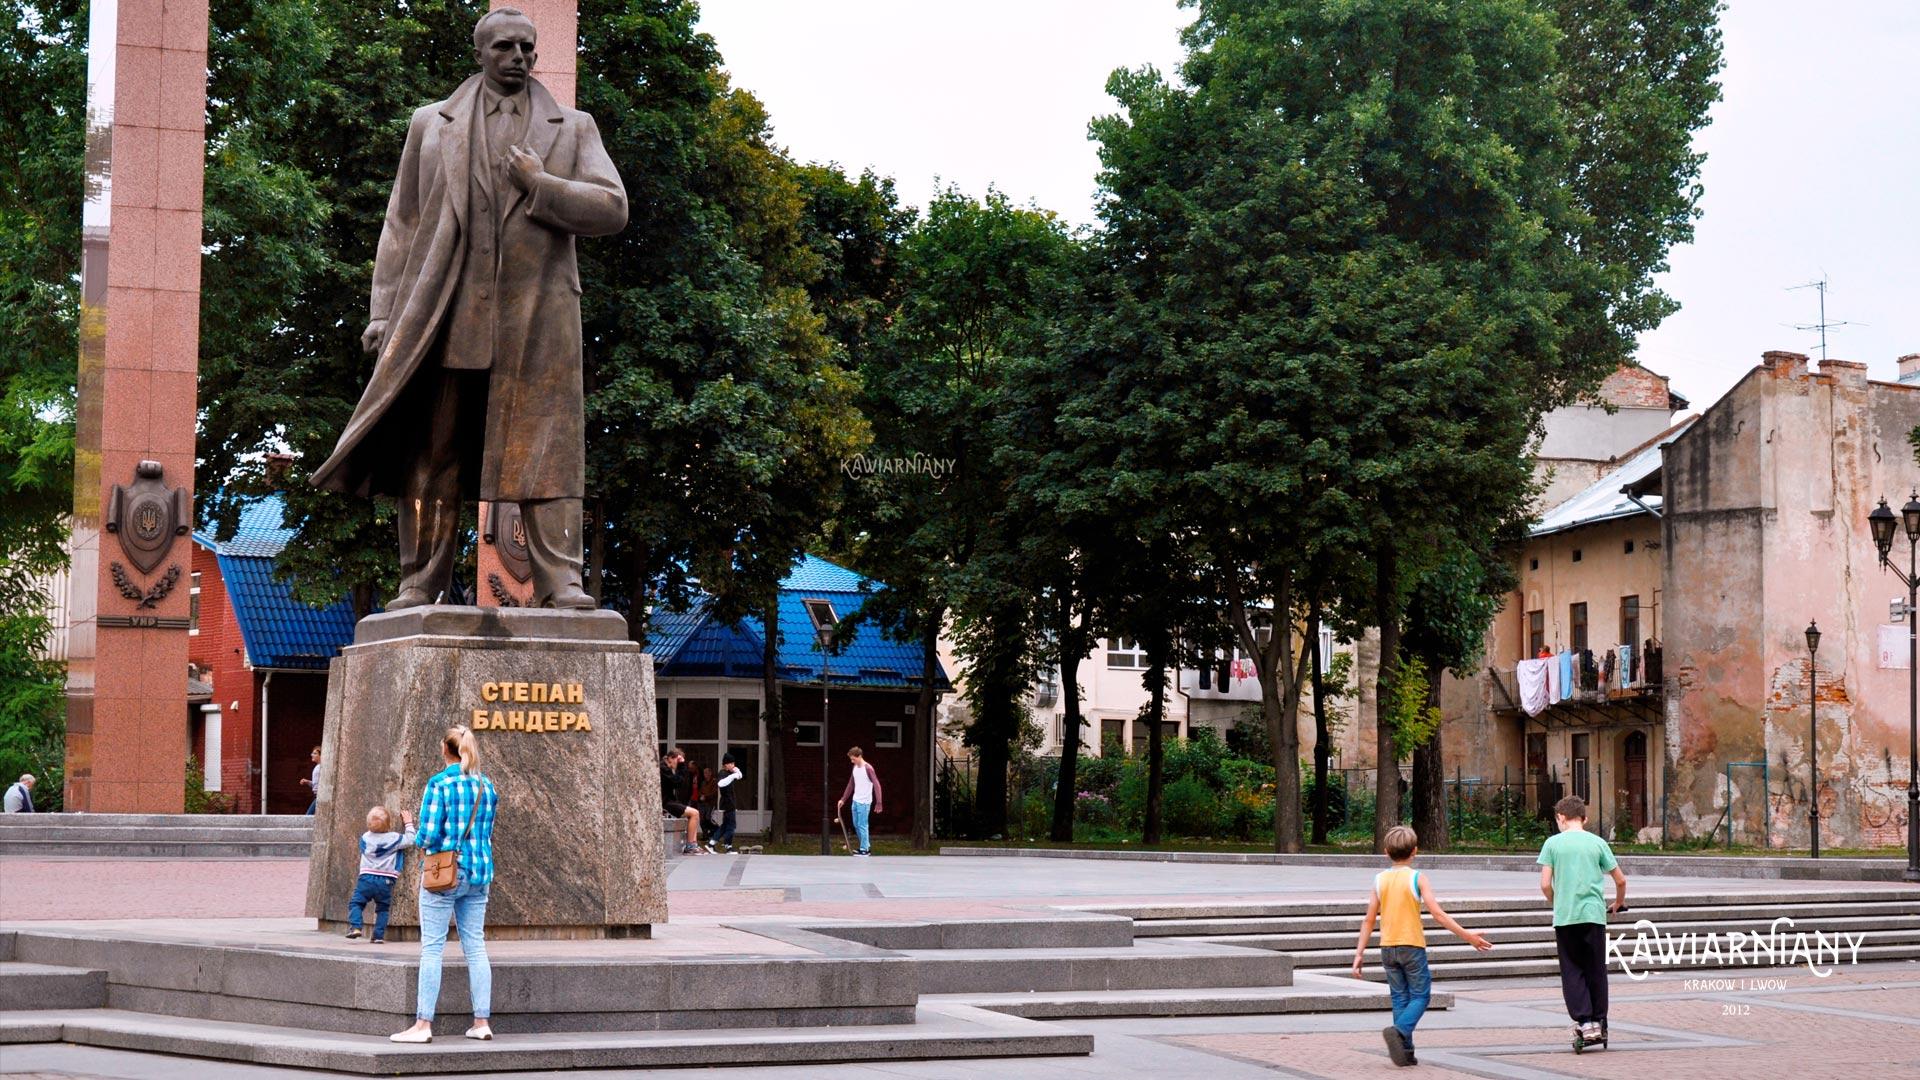 Pomnik Stepana Bandery we Lwowie. Czy jest? Gdzie stoi?